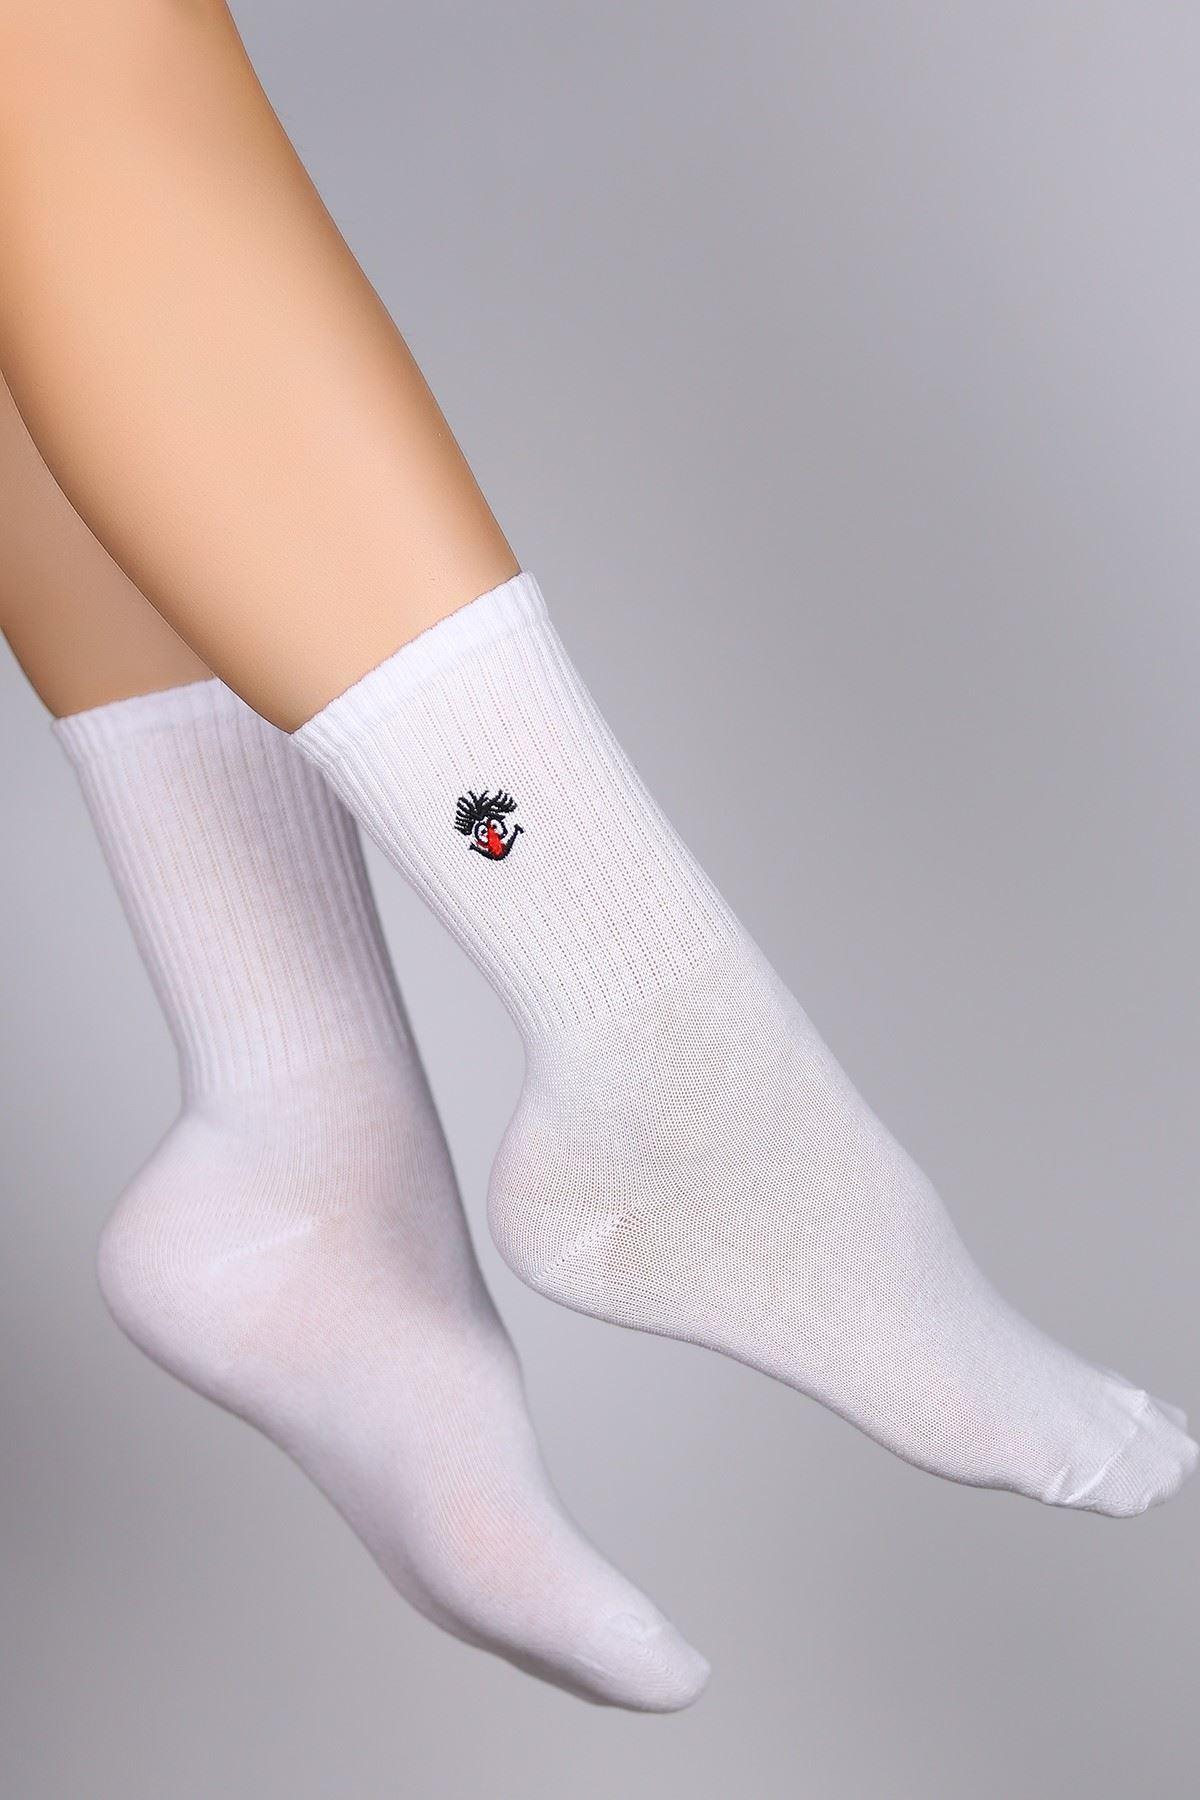 Nakışlı Soket Çorap Beyaz - 10770.1114.